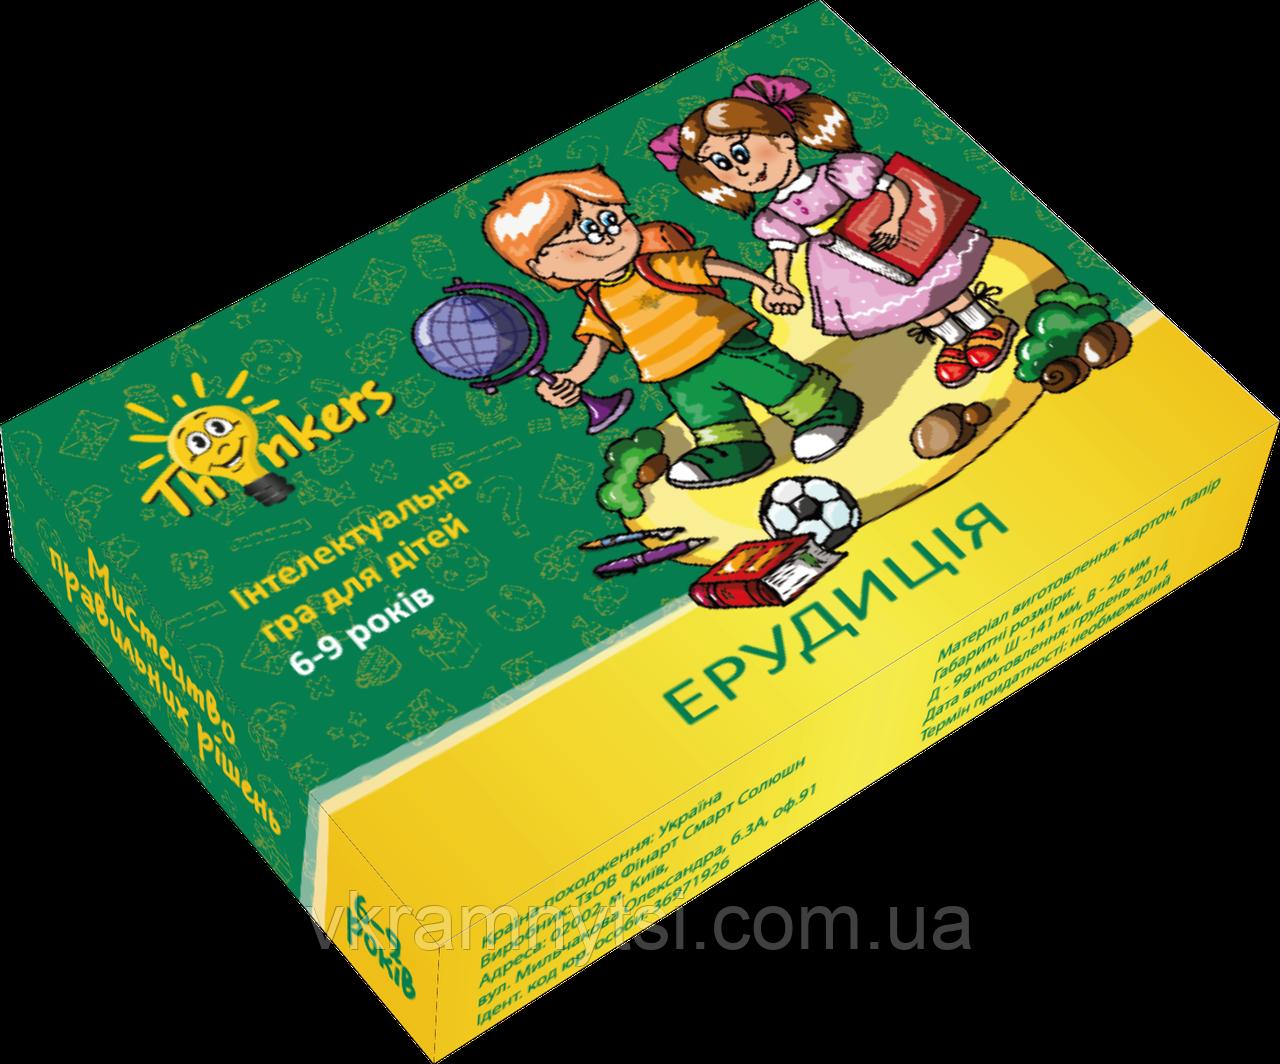 Ерудиція. Інтелектуальна гра «Thinkers» для дітей 6-9 років